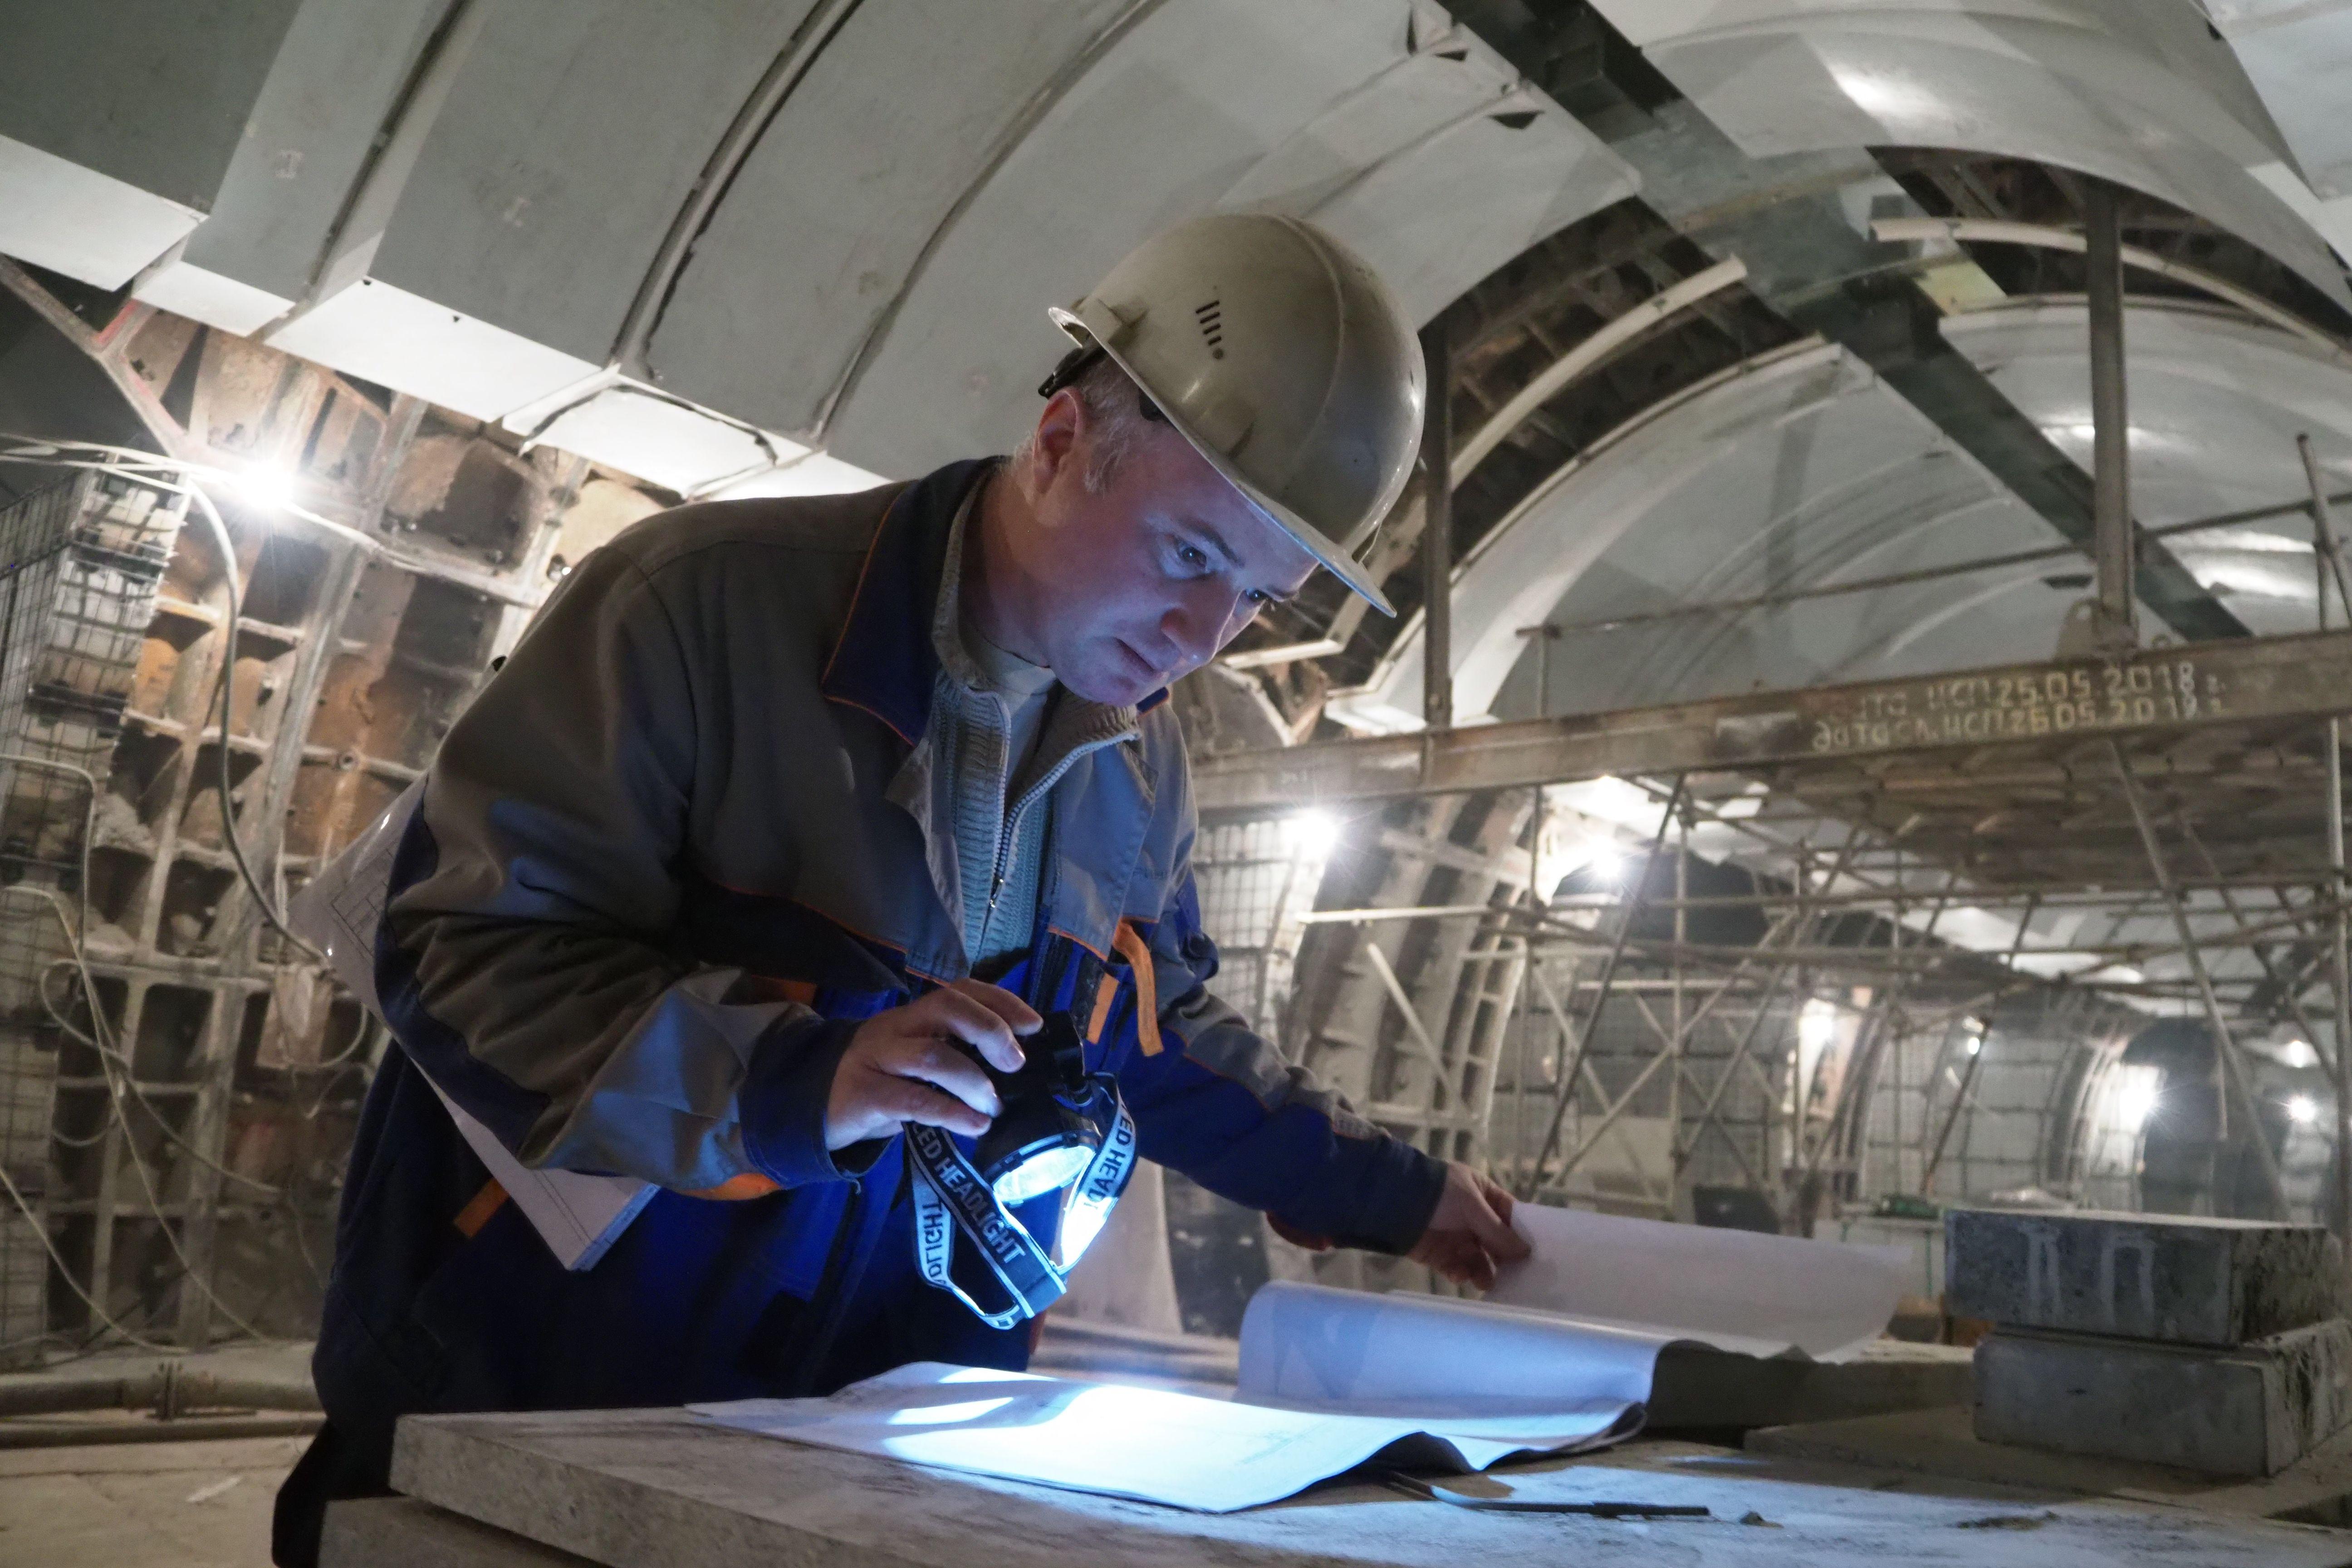 Станцию «Савеловская» БКЛ метро введут в эксплуатацию в декабря 2018 года